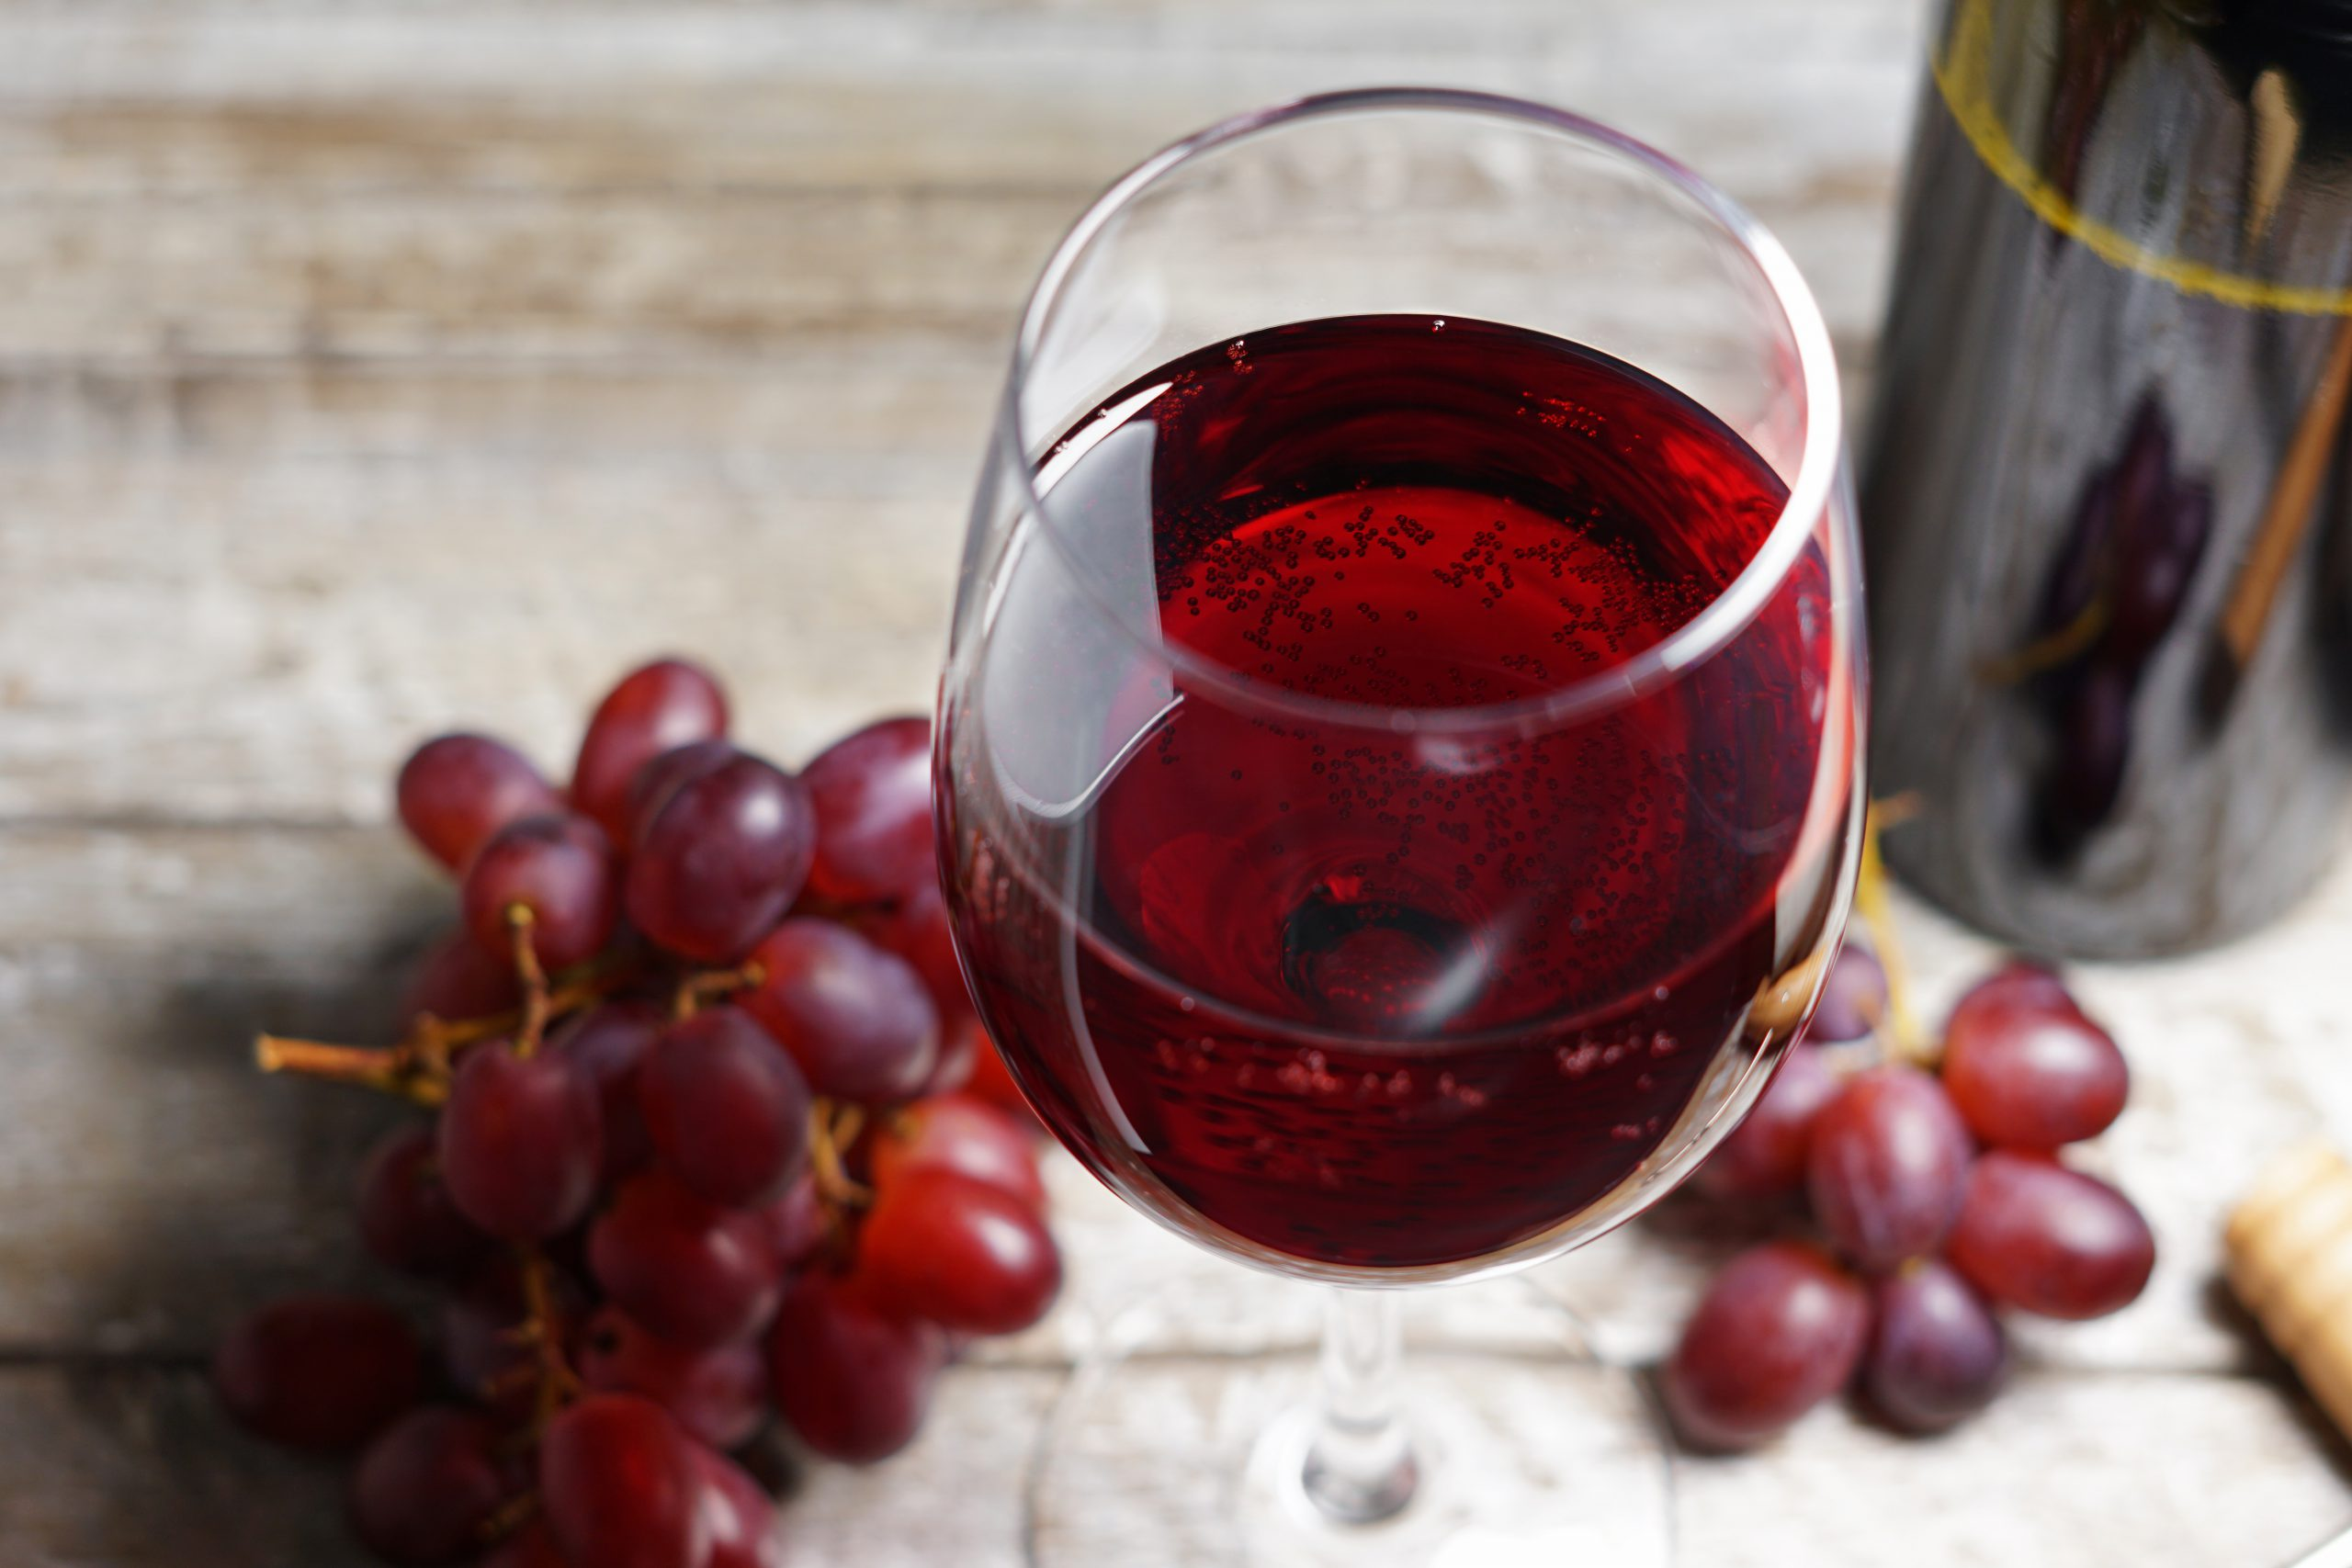 初心者におすすめのワイン8選!知っておきたいワインの基礎知識